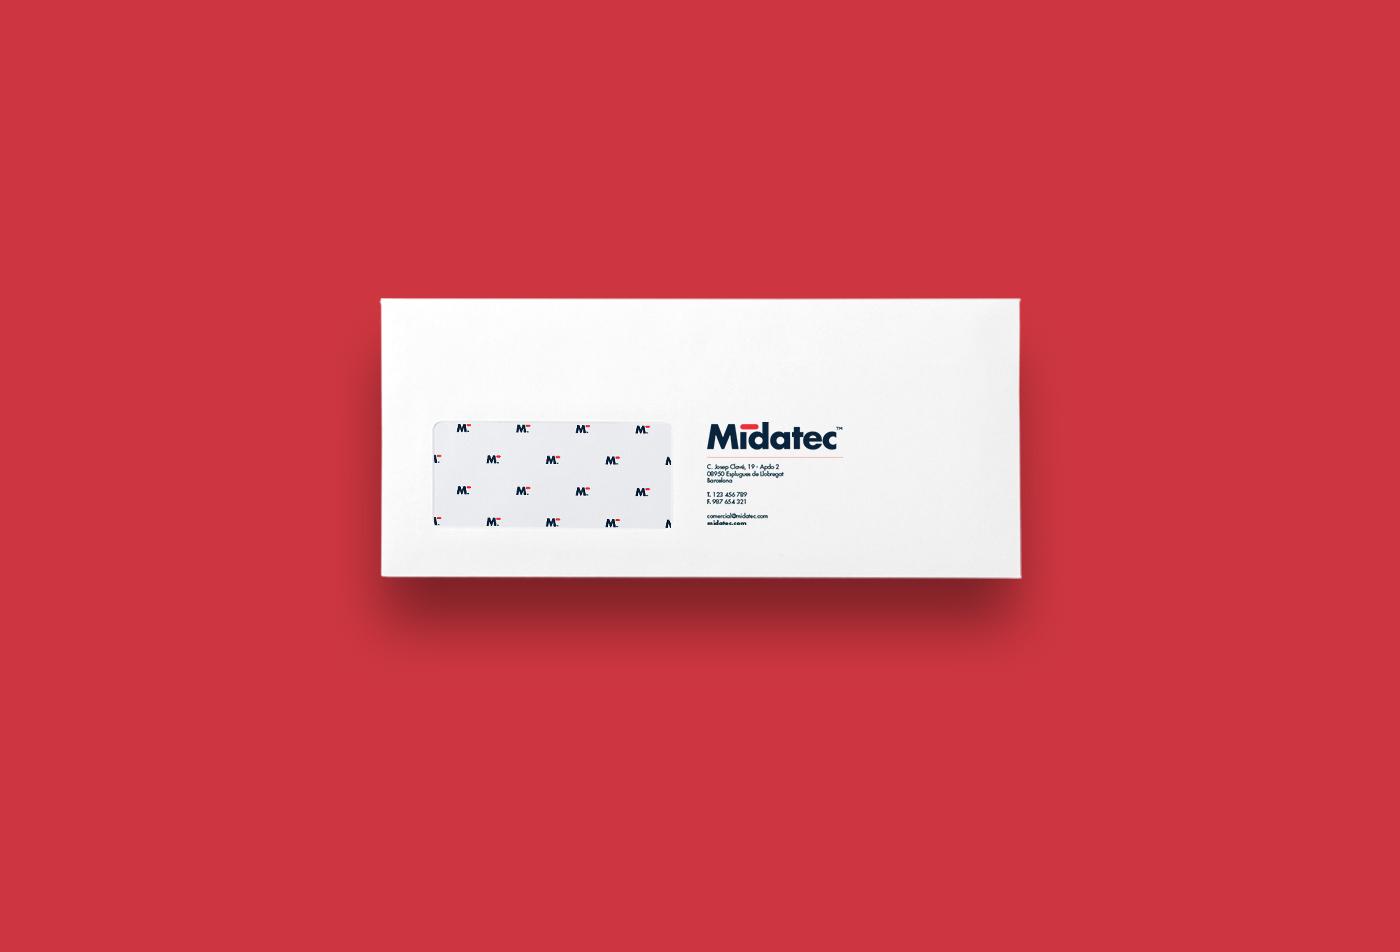 Midatec-03